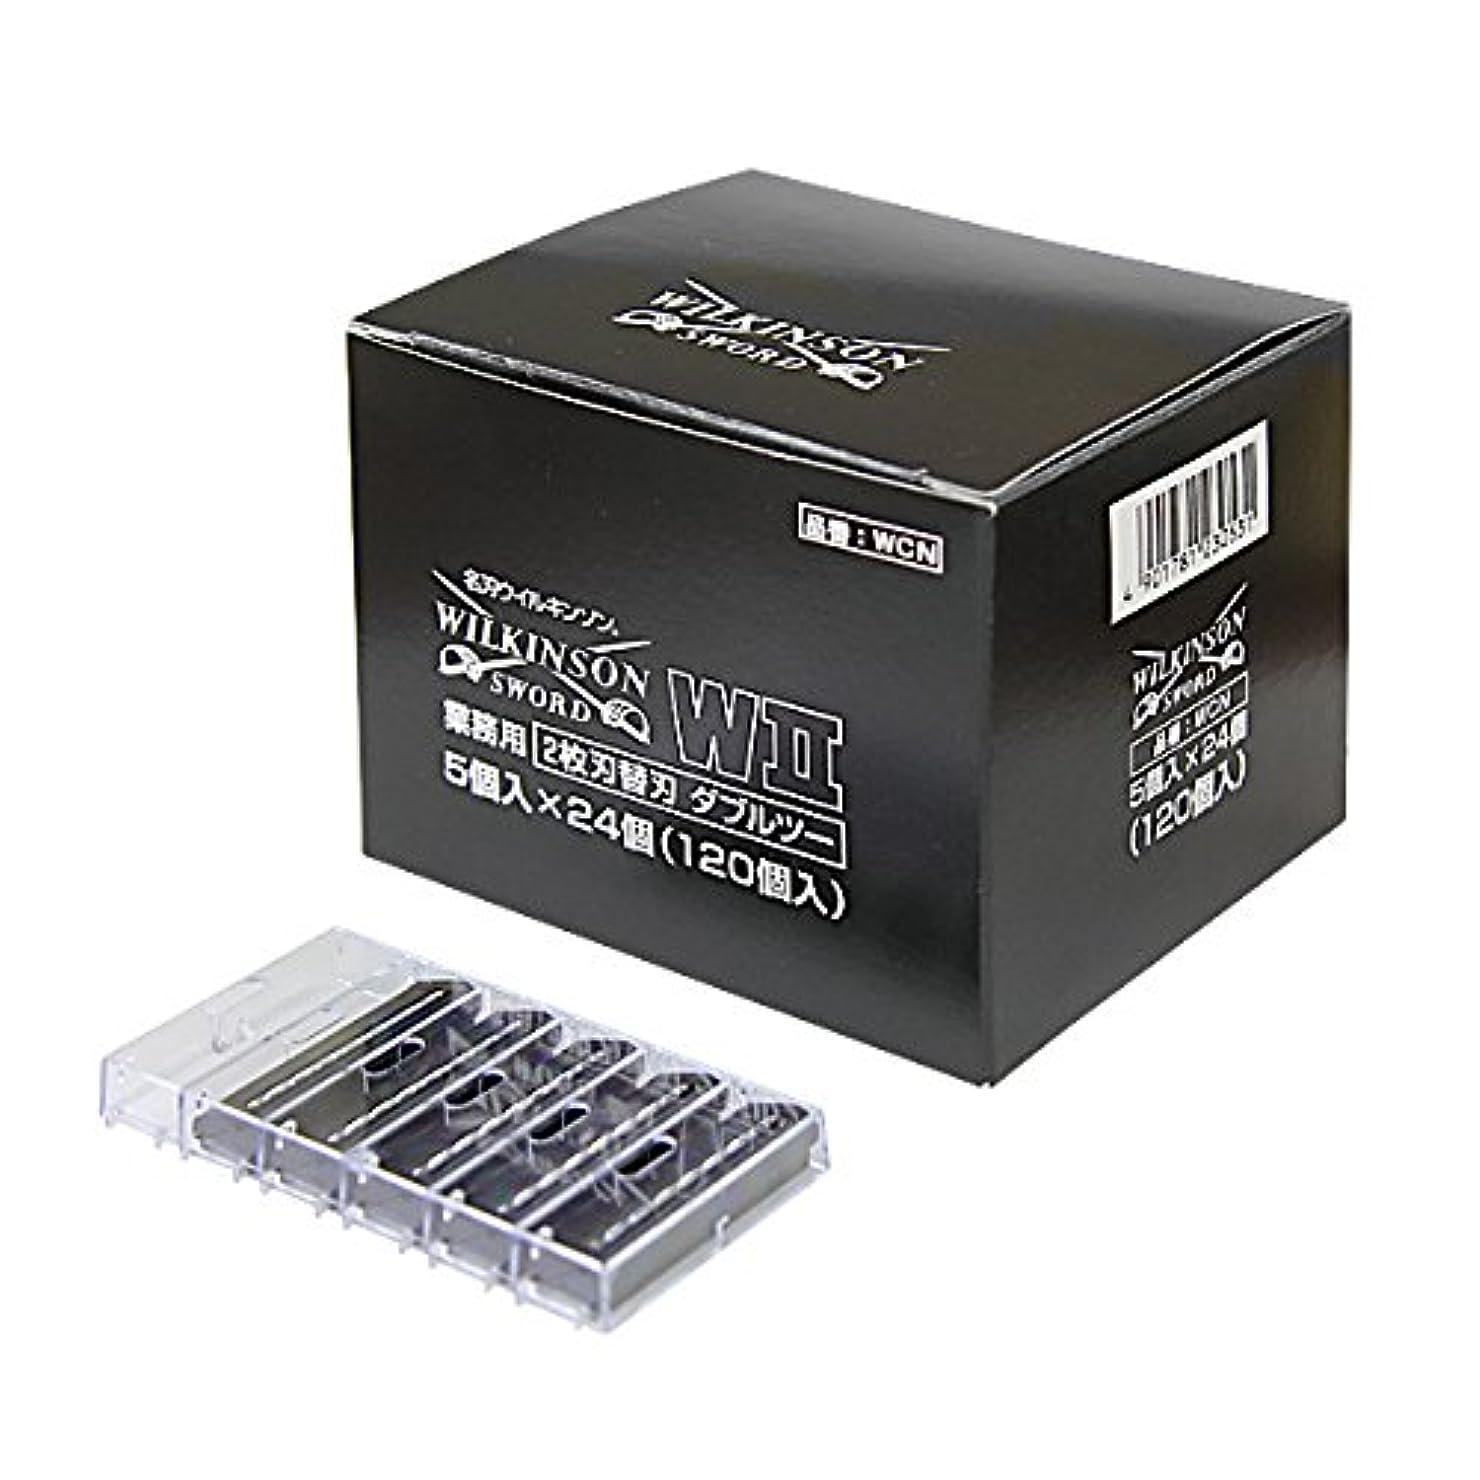 バッジ航空前件ウィルキンソン?ソード W2(ダブルツー)替刃 5個×24(1箱120個)二枚刃式 WILKINSON W2